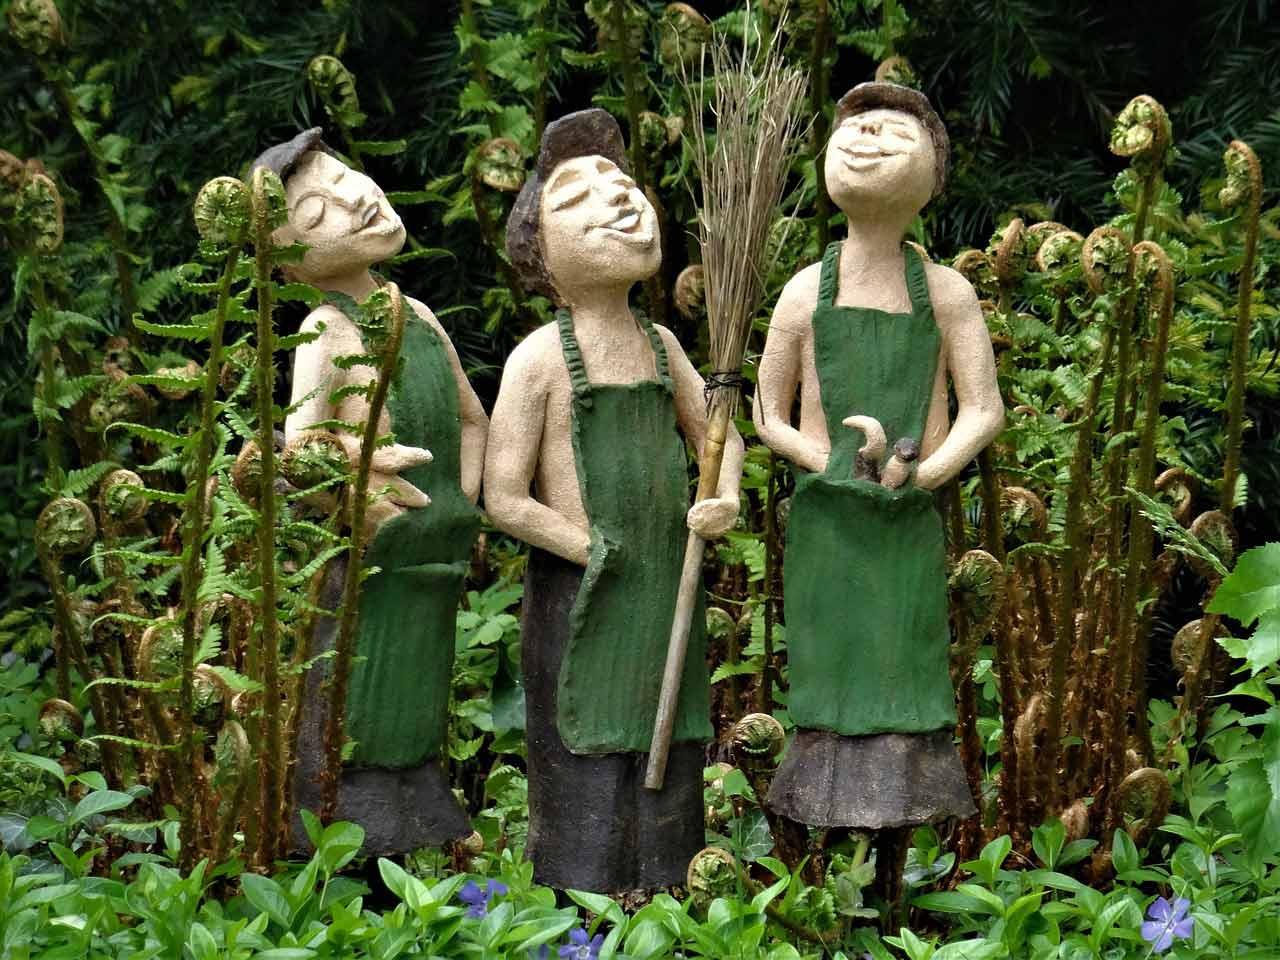 Trois bonhommes en bois représentants des clients heureux